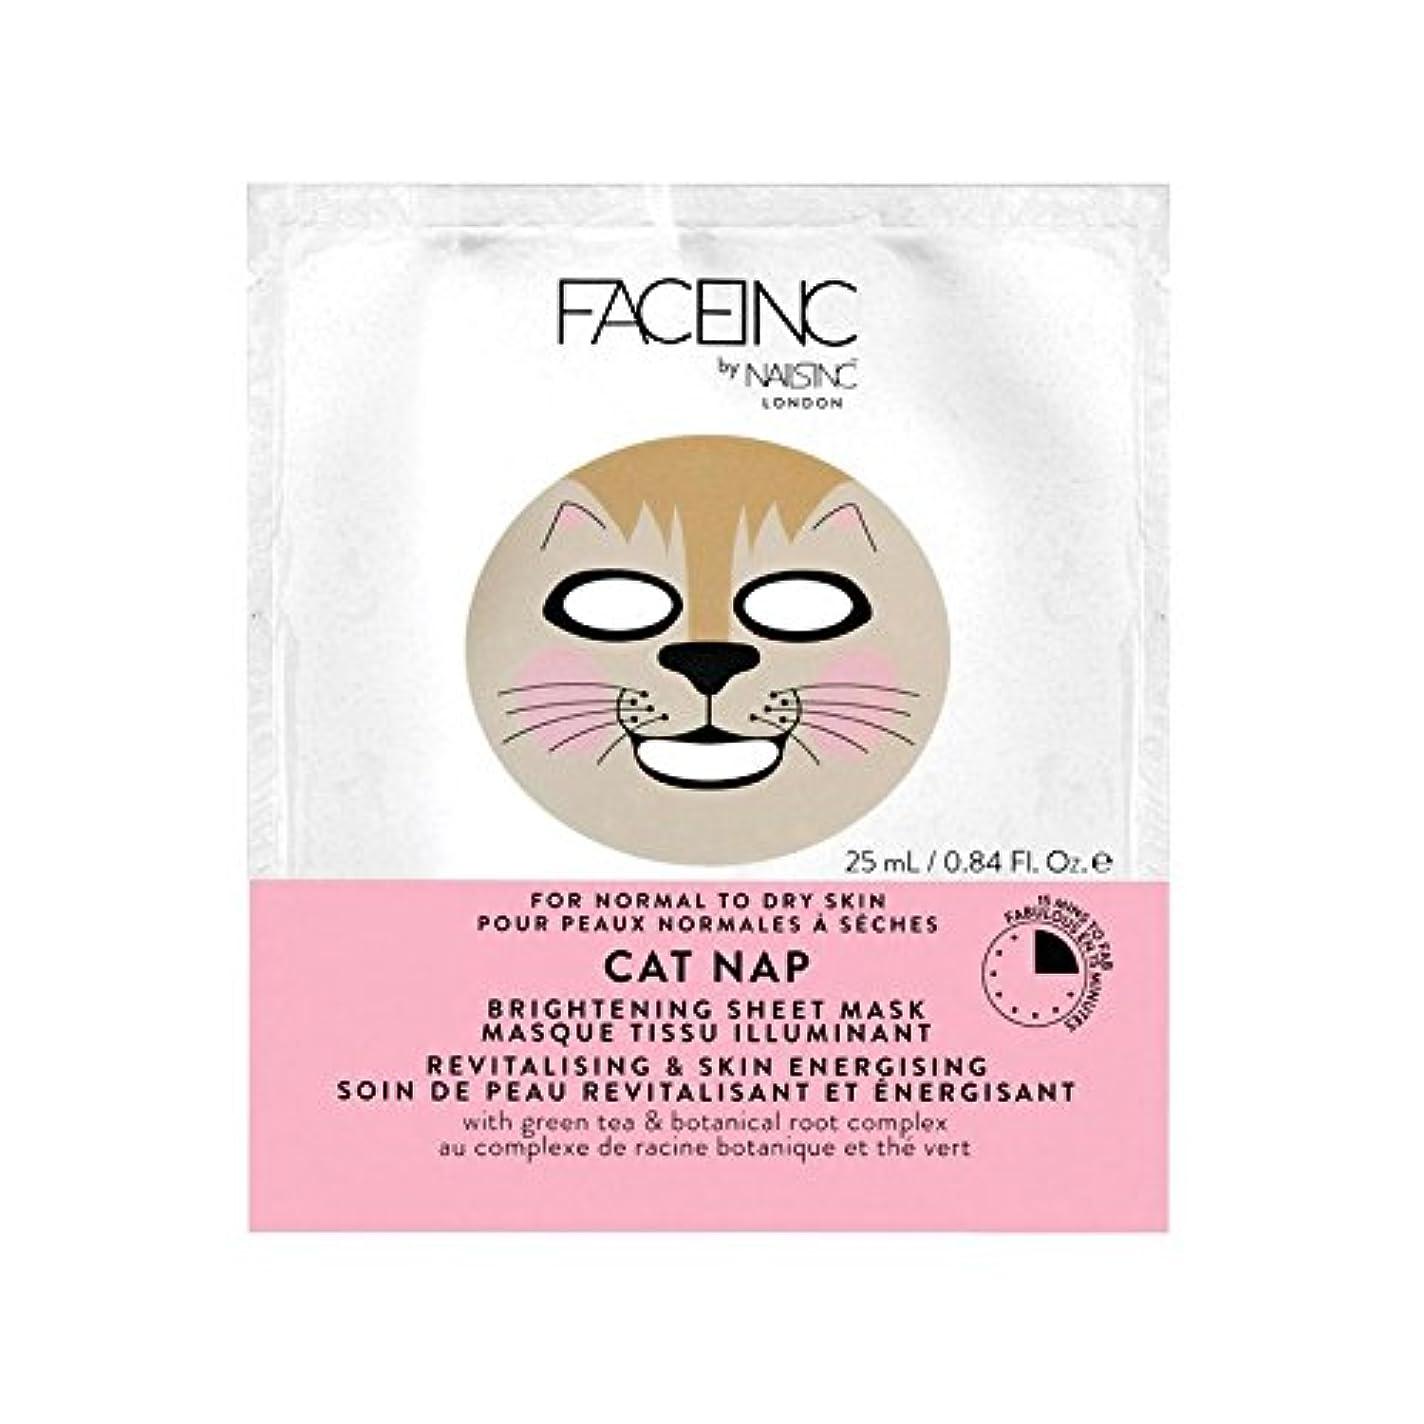 代理店セッション学者爪が株式会社顔猫の昼寝用マスク x2 - Nails Inc. Face Inc Cat Nap Mask (Pack of 2) [並行輸入品]